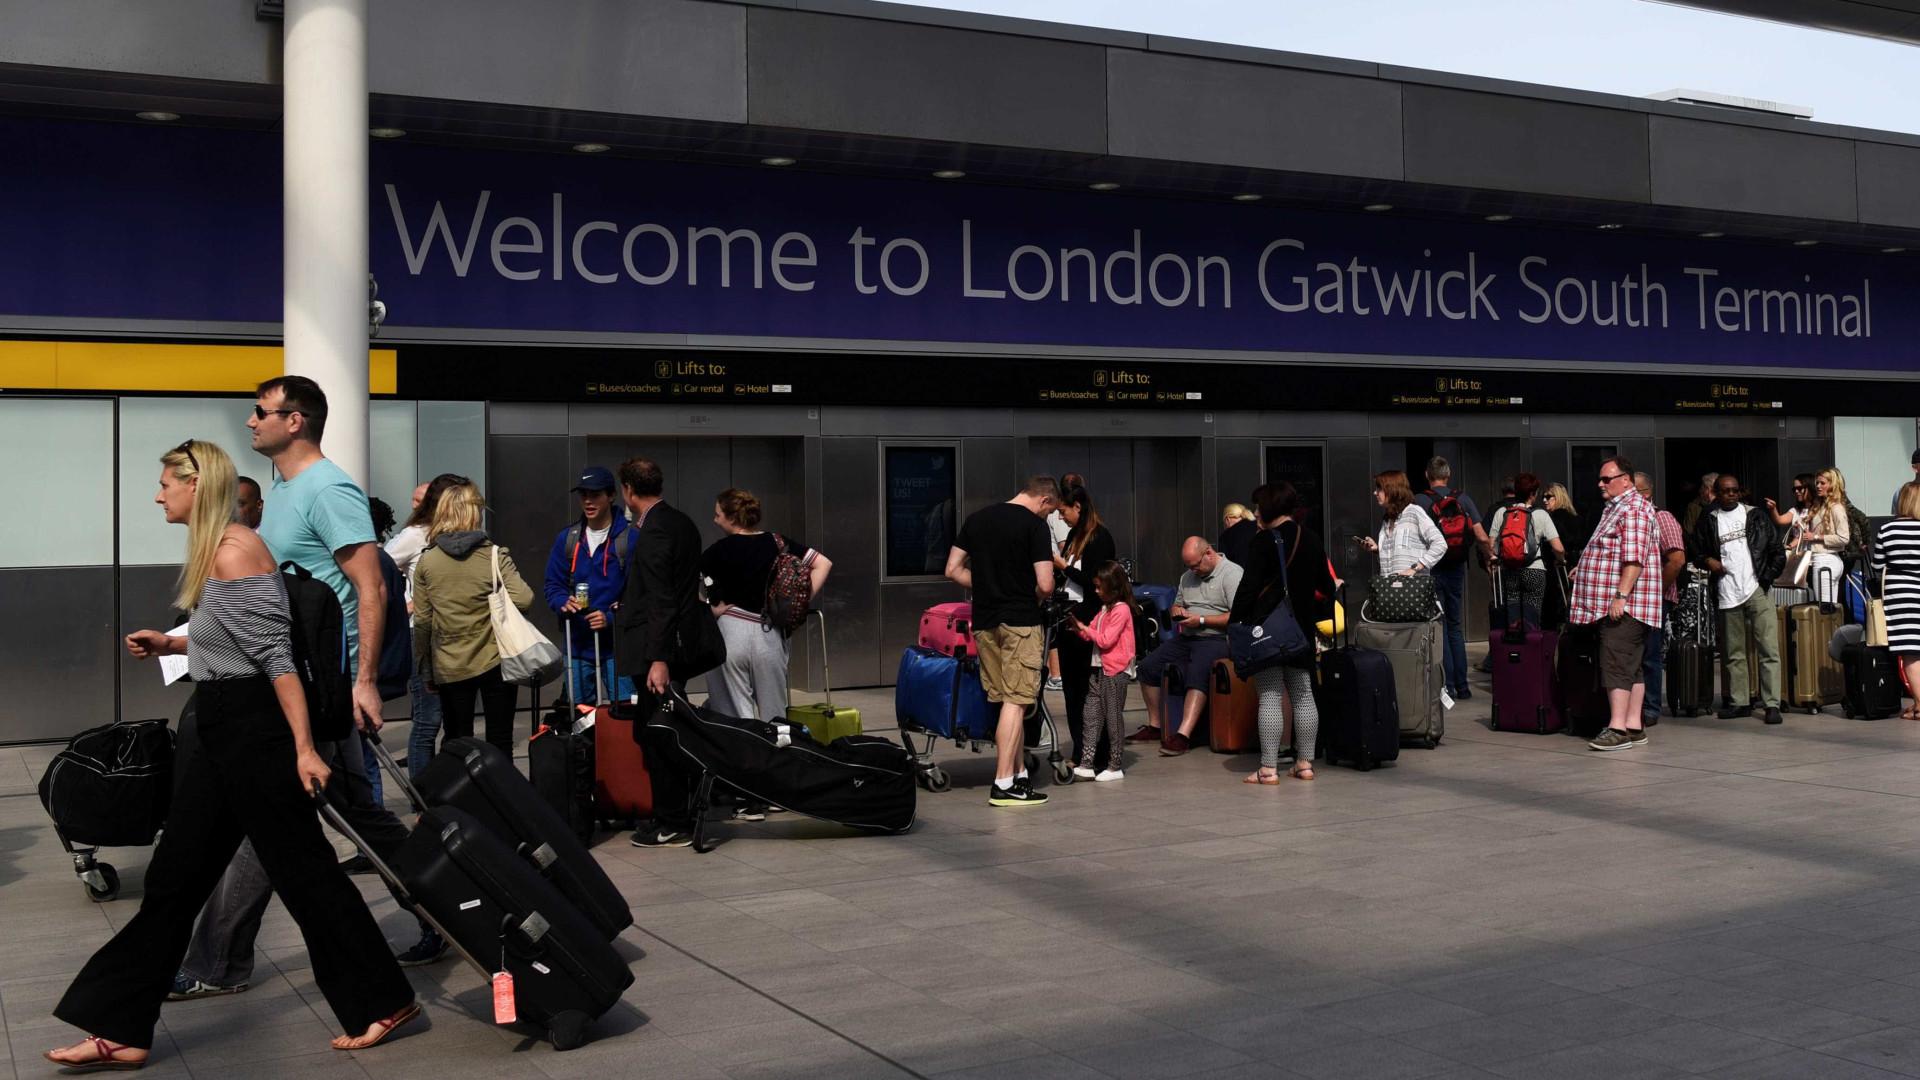 Pneu de avião explode durante descolagem no aeroporto de Gatwick